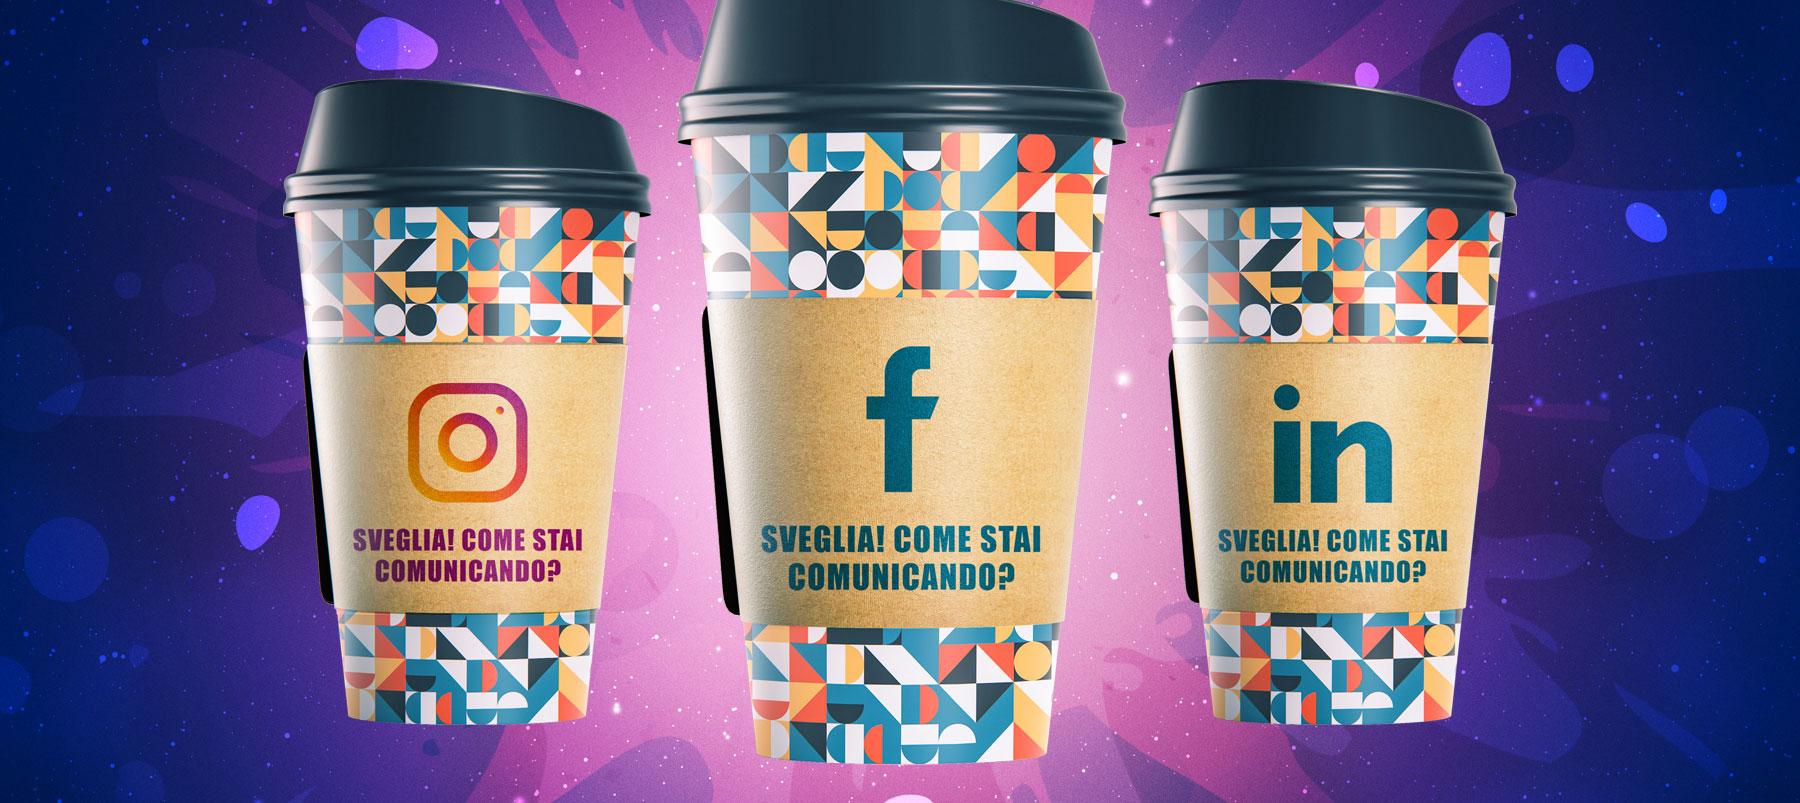 branding-seo-marketing-creazione-siti-web-pavia-milano-design-progettazione-grafica-geofelix-111